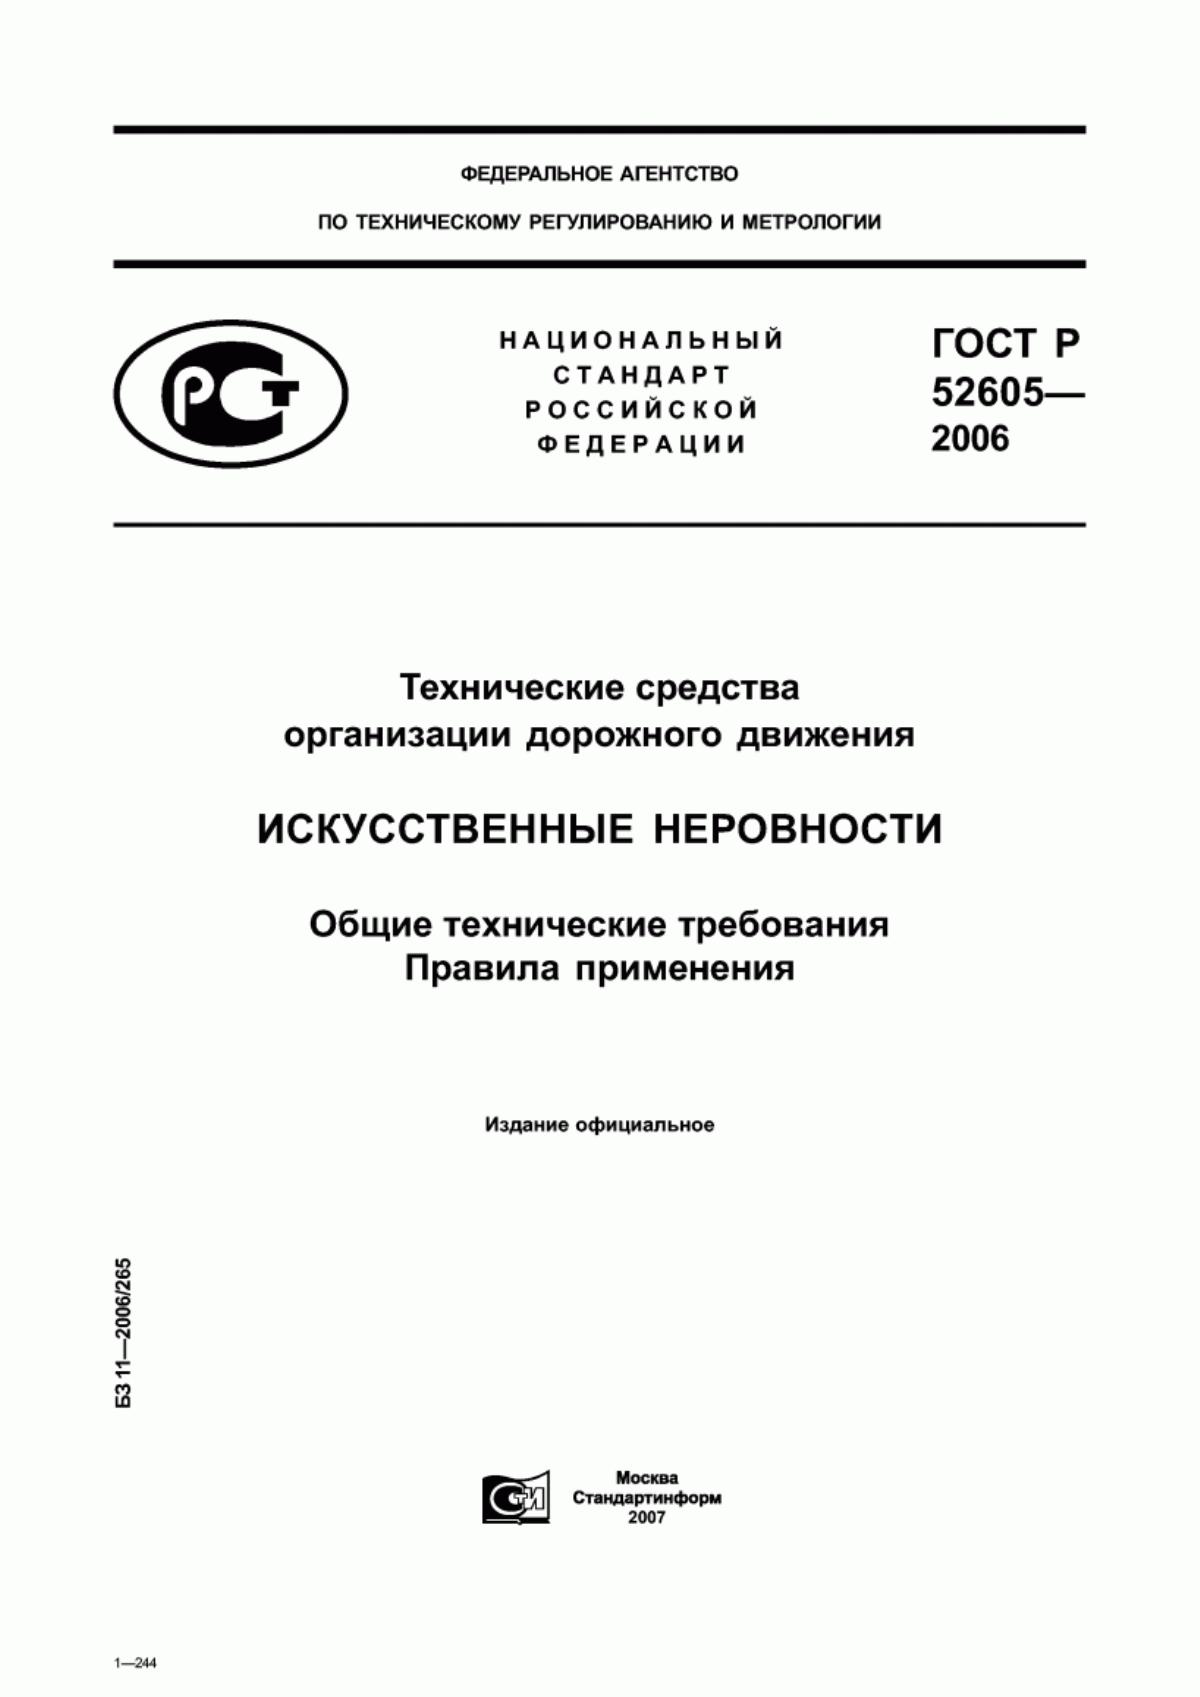 Гост р 52501-2005. вода для лабораторного анализа. технические условия